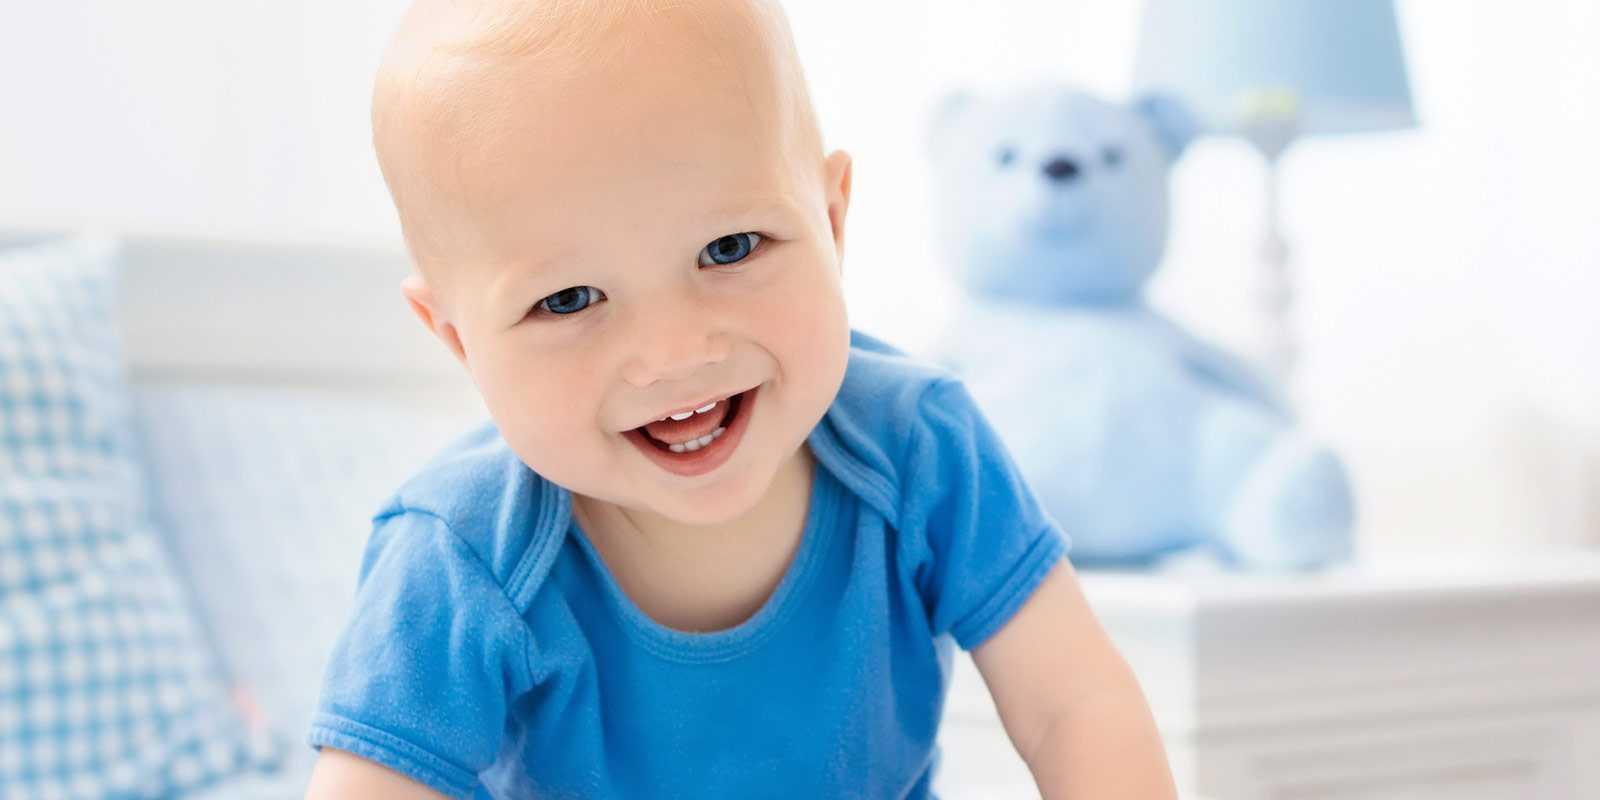 Dientes de bebé: erupción dental de los bebés